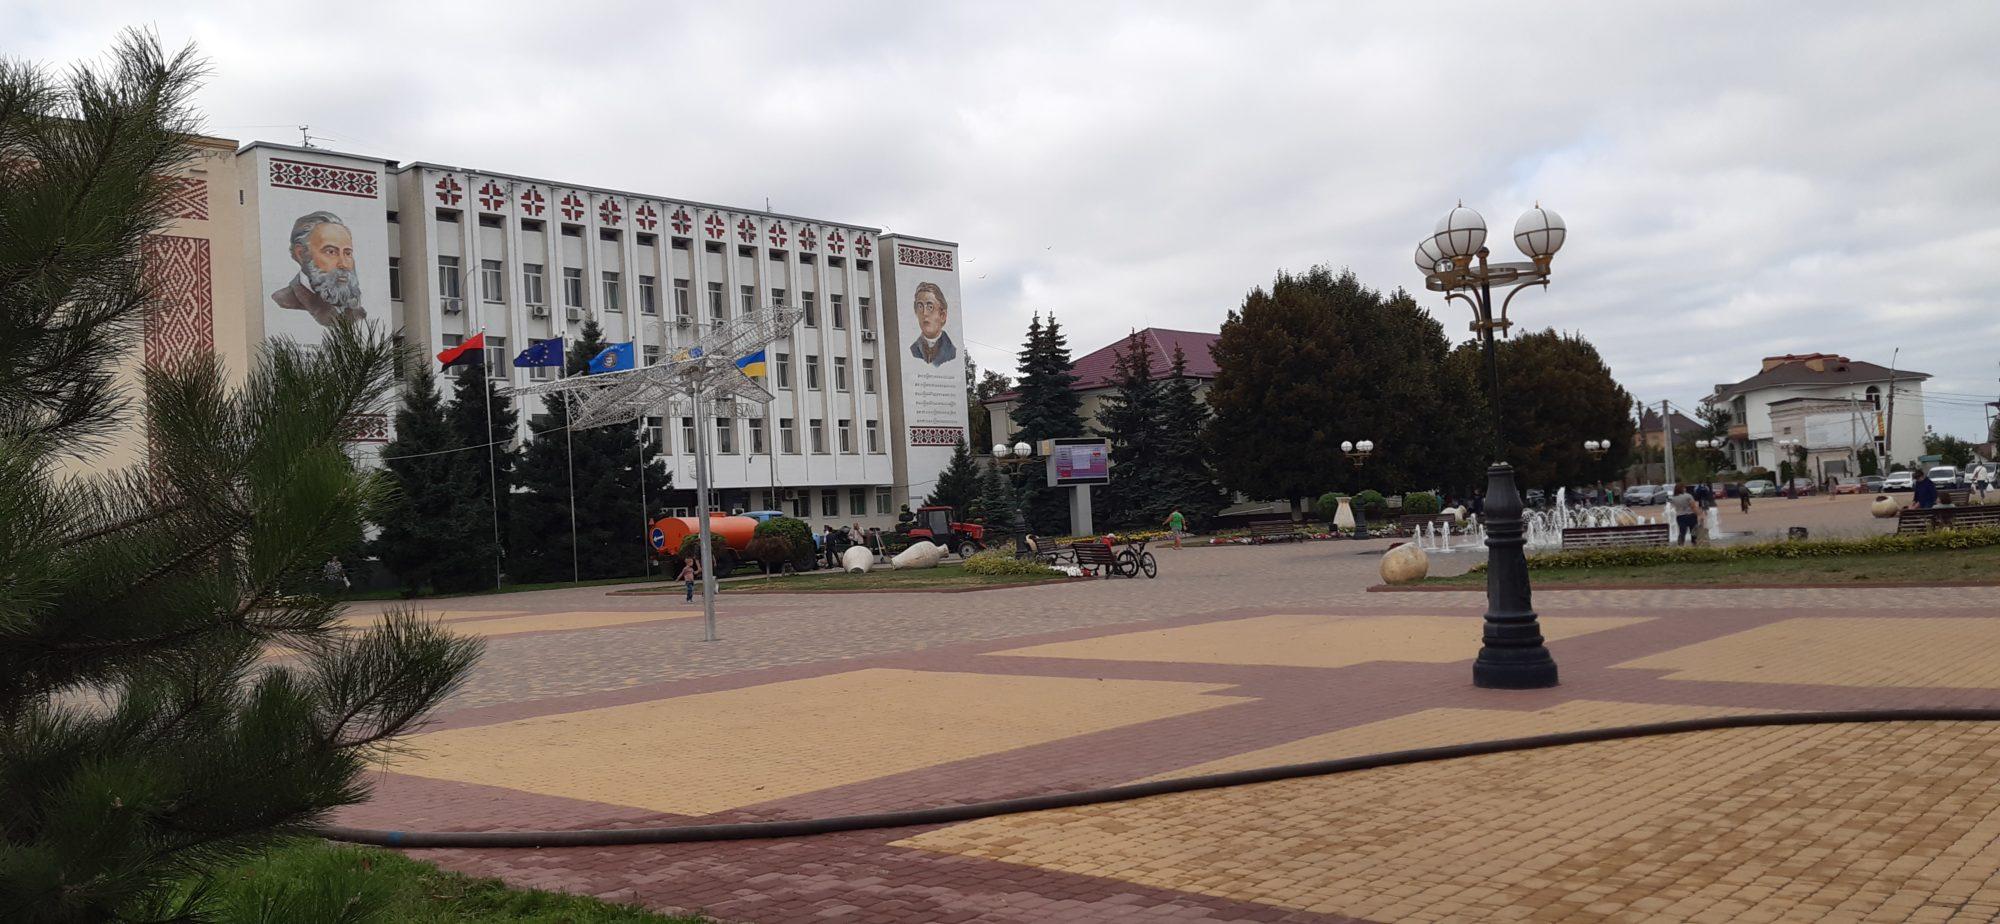 Коли обиратимуть очільника Борисполя - вибори, Бориспільська ОТГ - 20200915 111155 2000x924